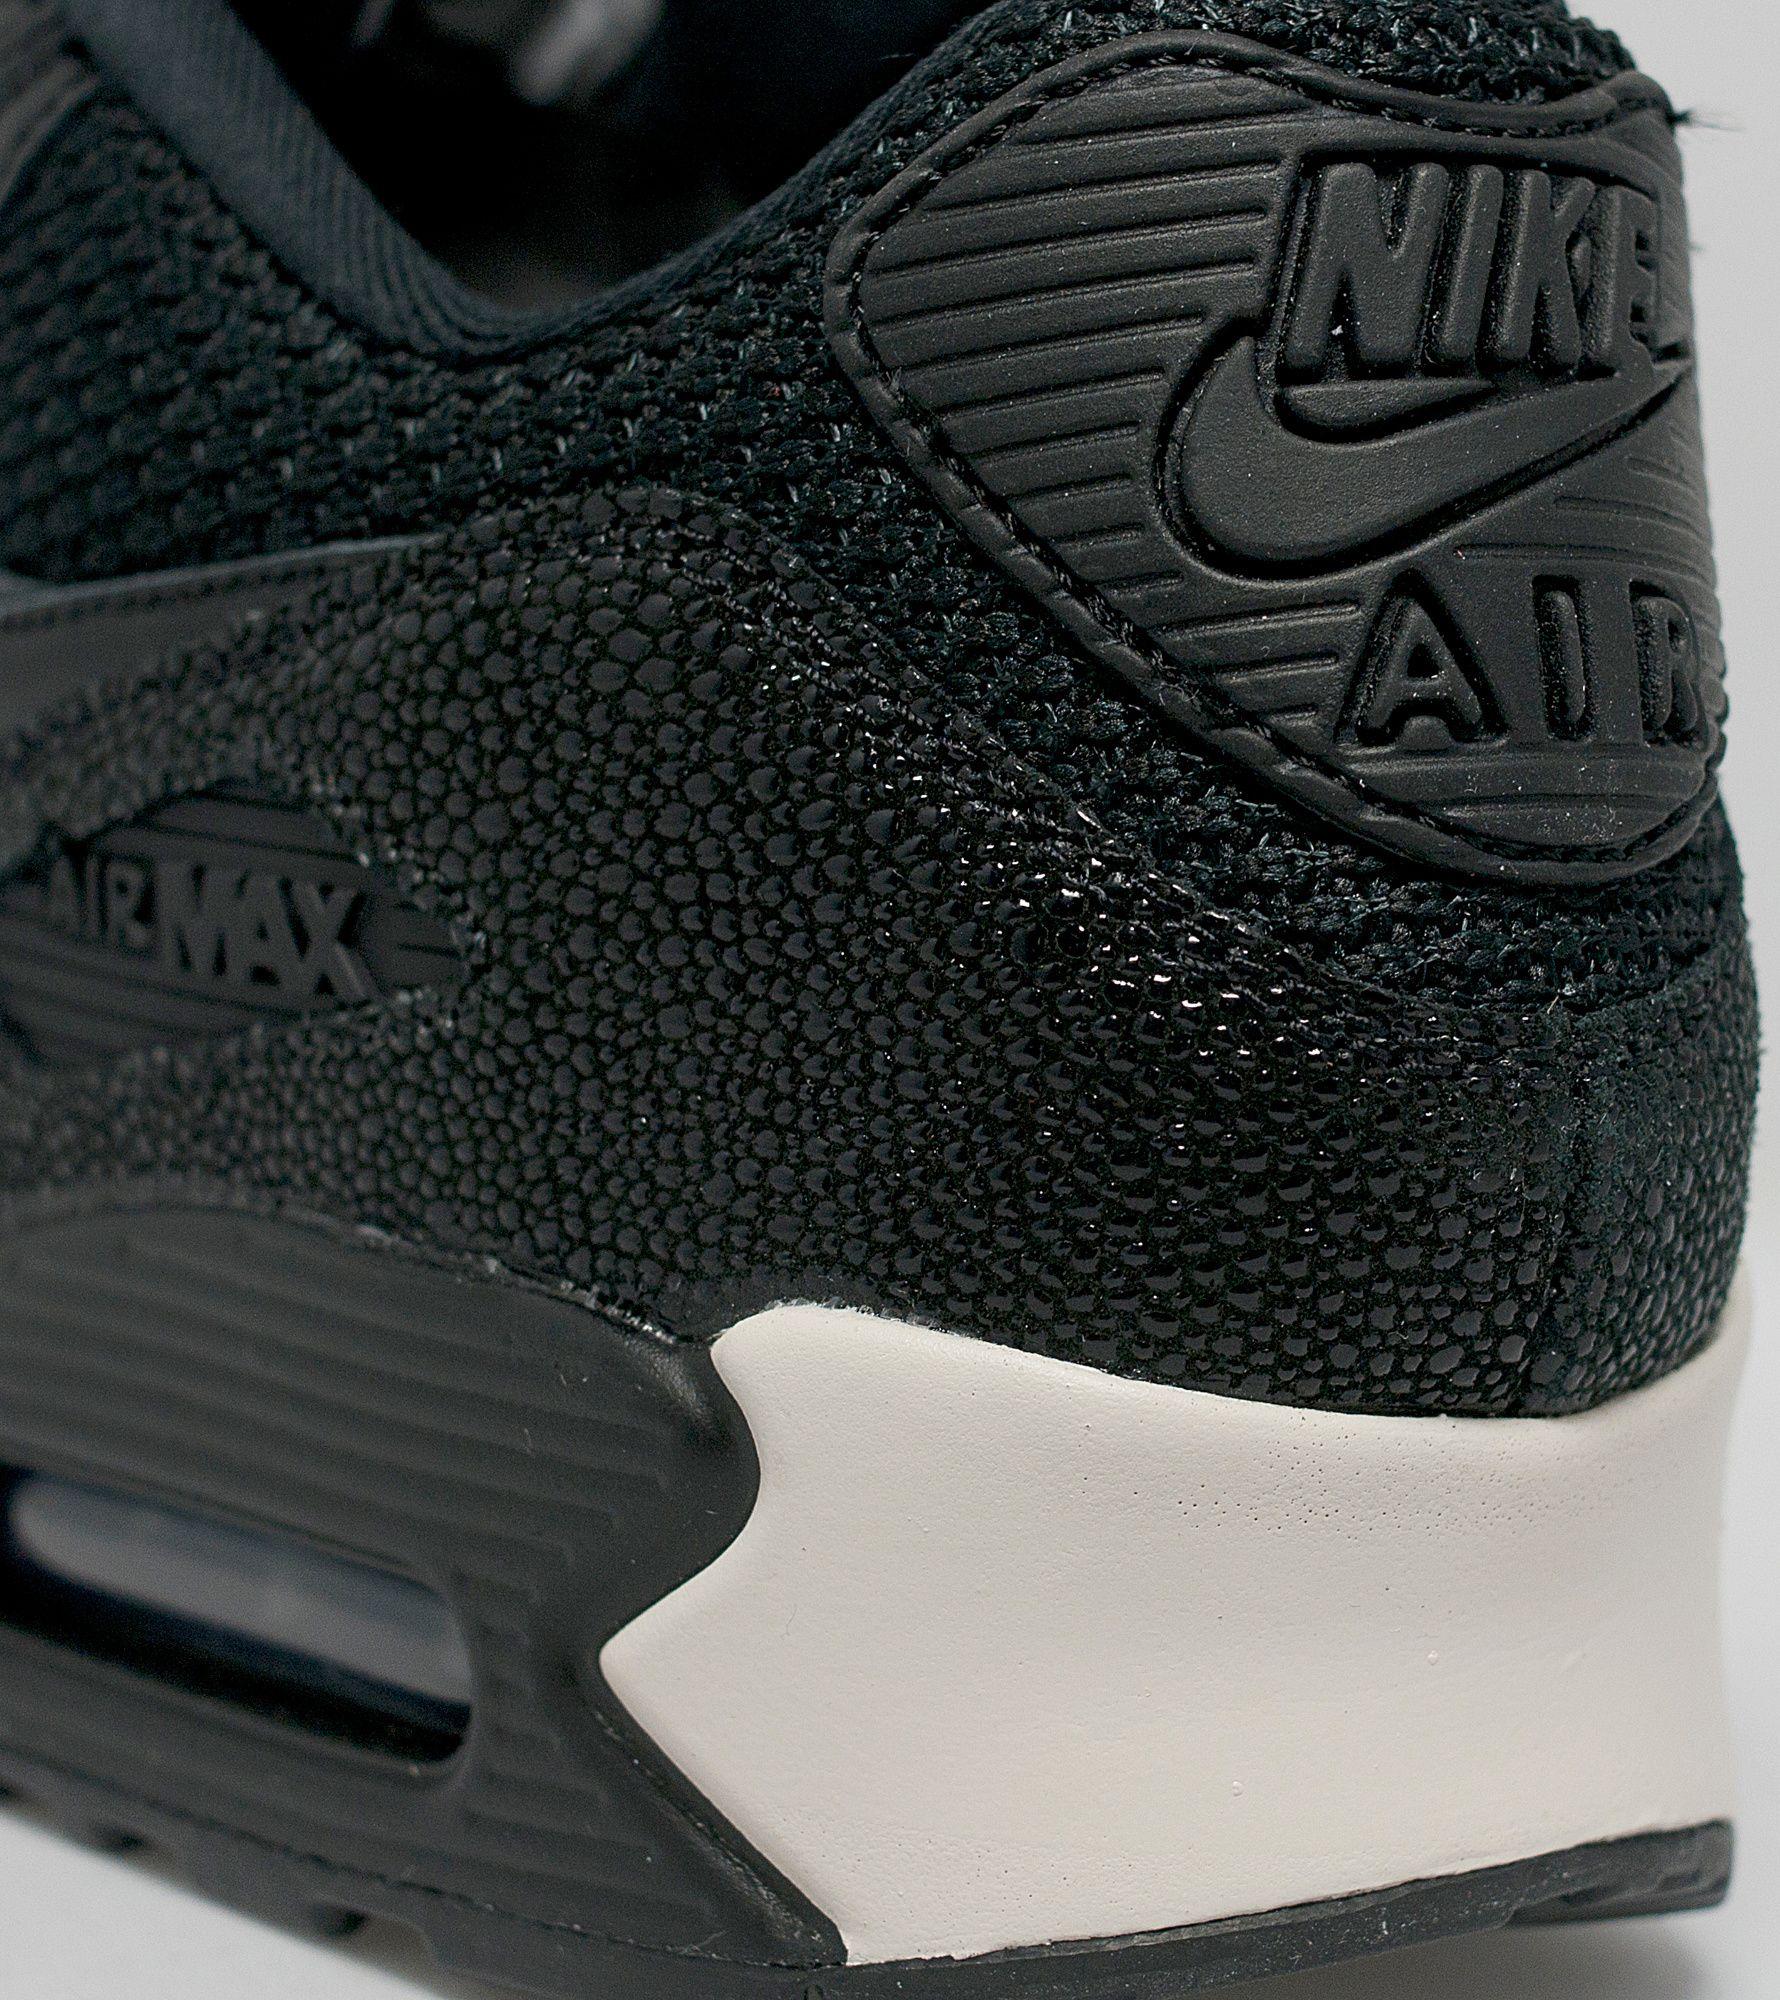 Nike Air Max 90 'Stingray Pack'